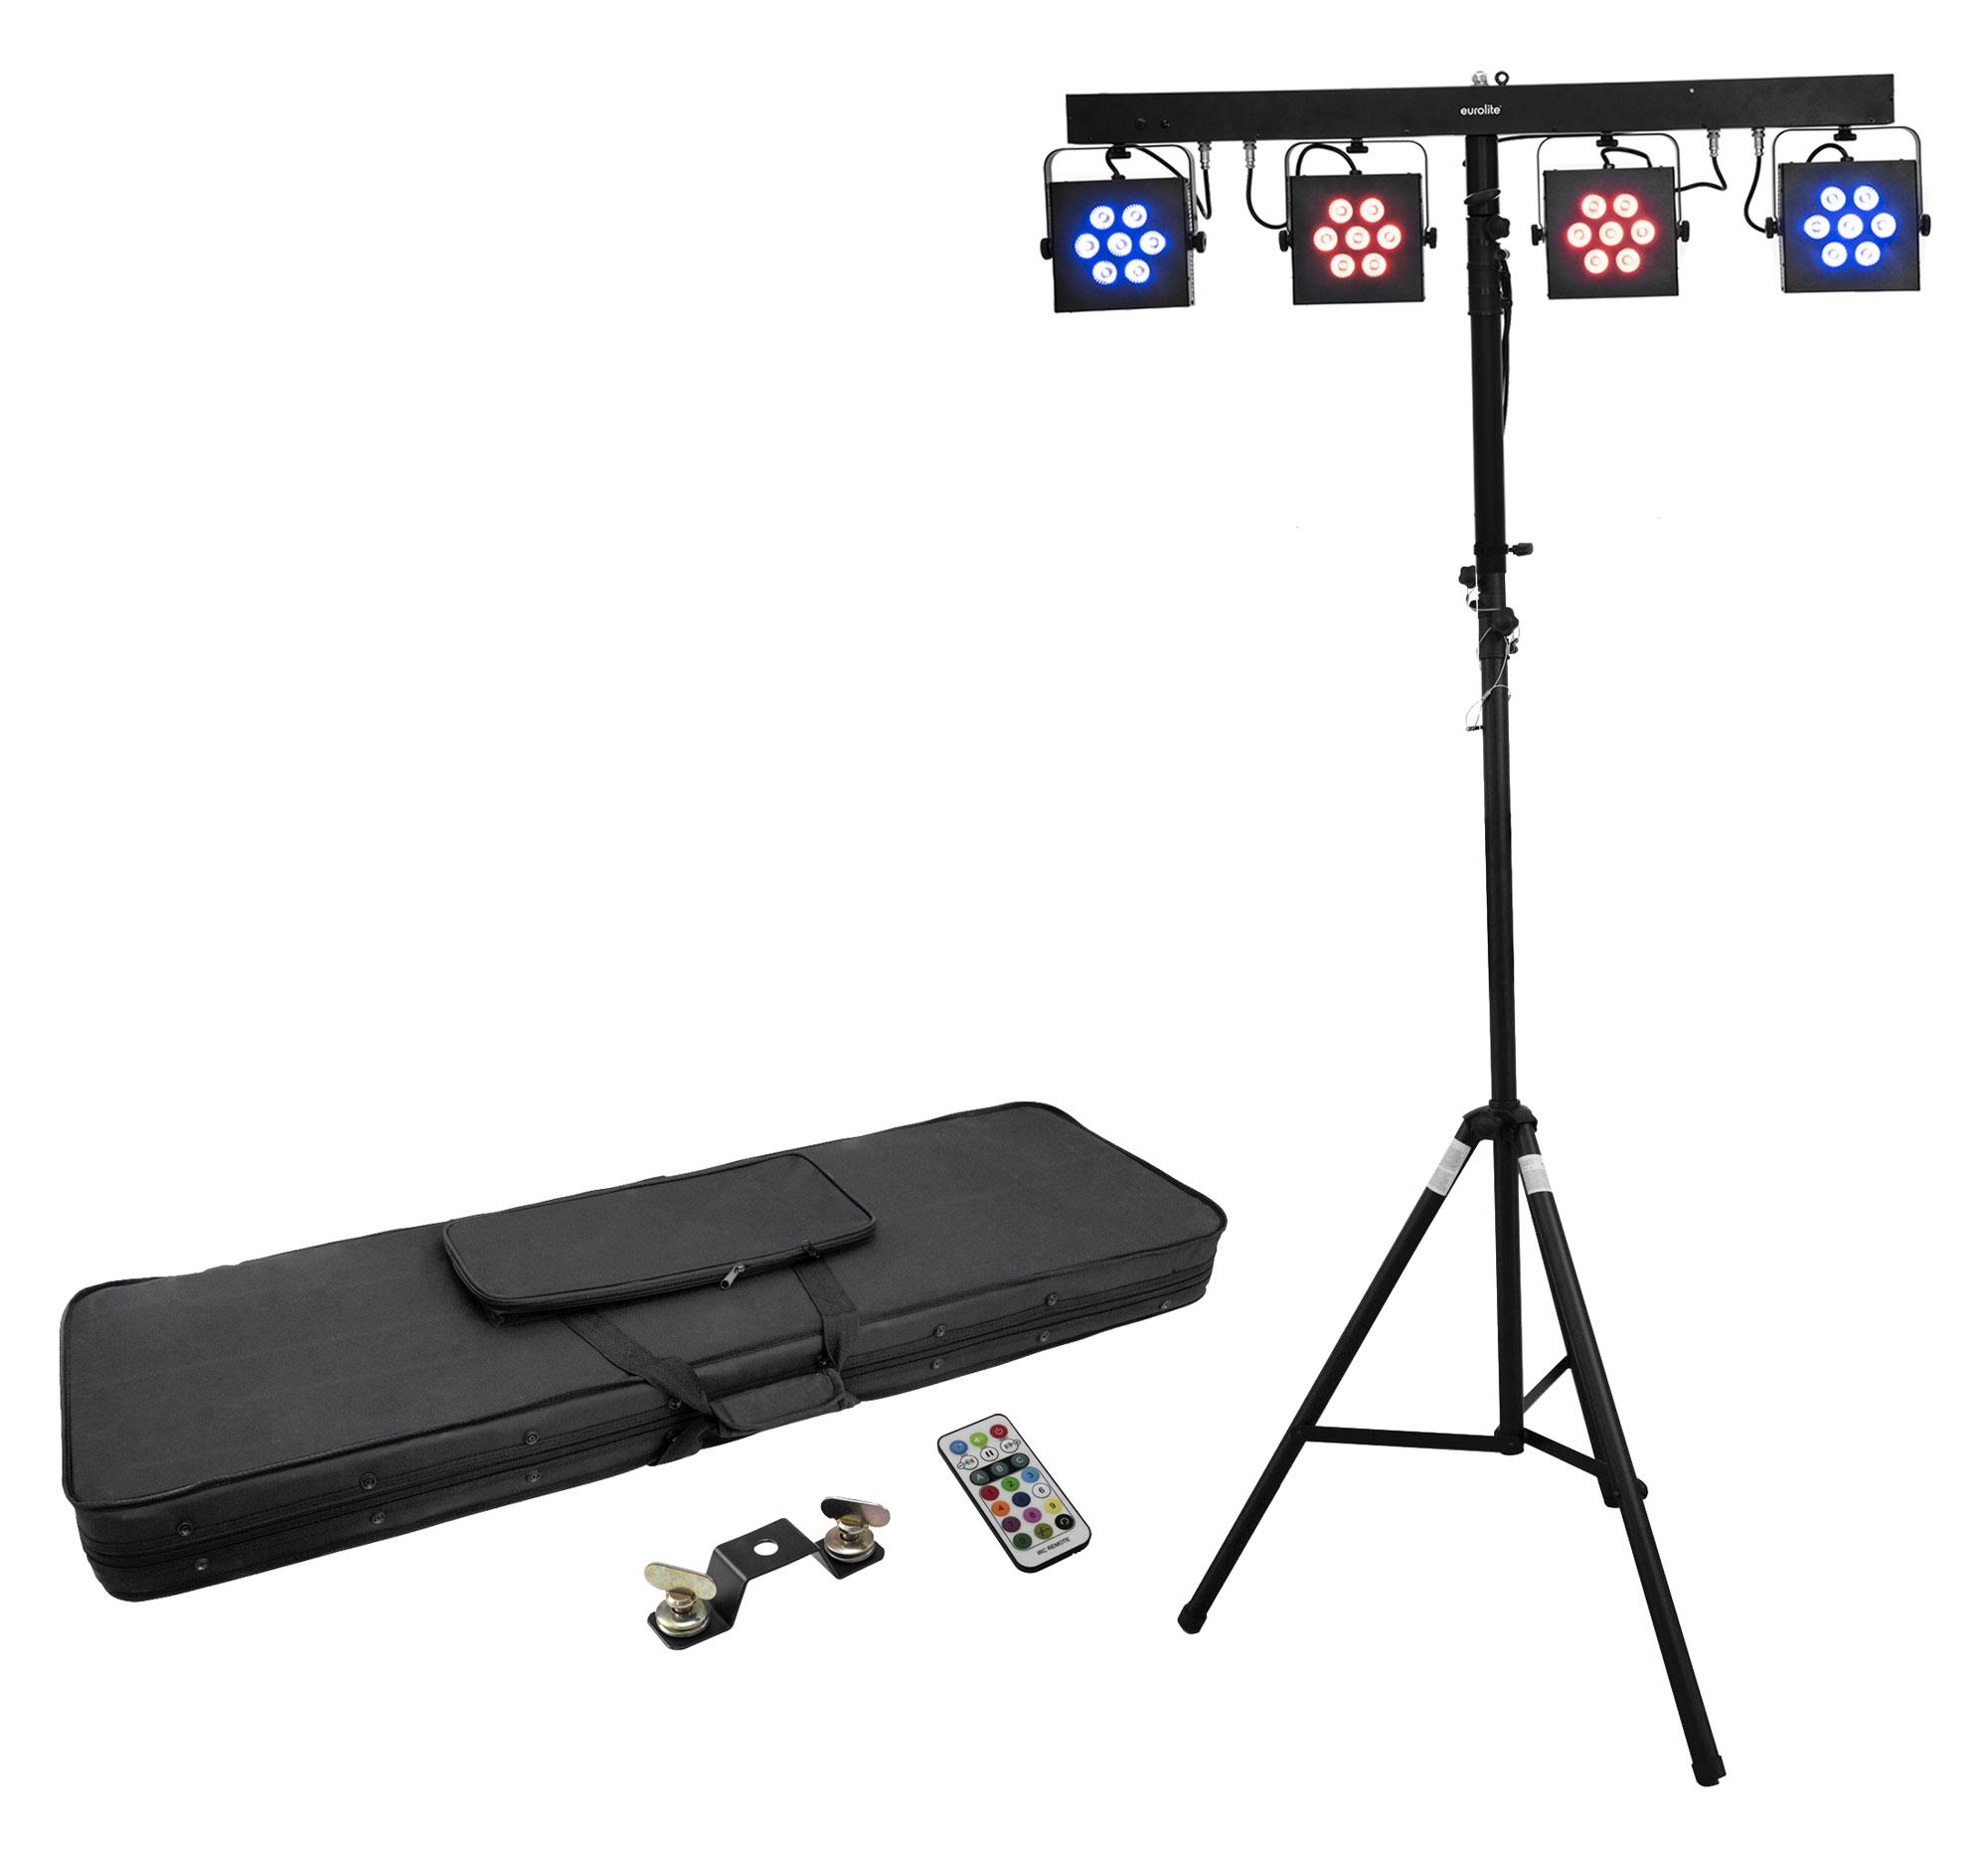 Lichtsets - Eurolite LED KLS 3002 Next Kompakt Lichtset mit Stativ - Onlineshop Musikhaus Kirstein